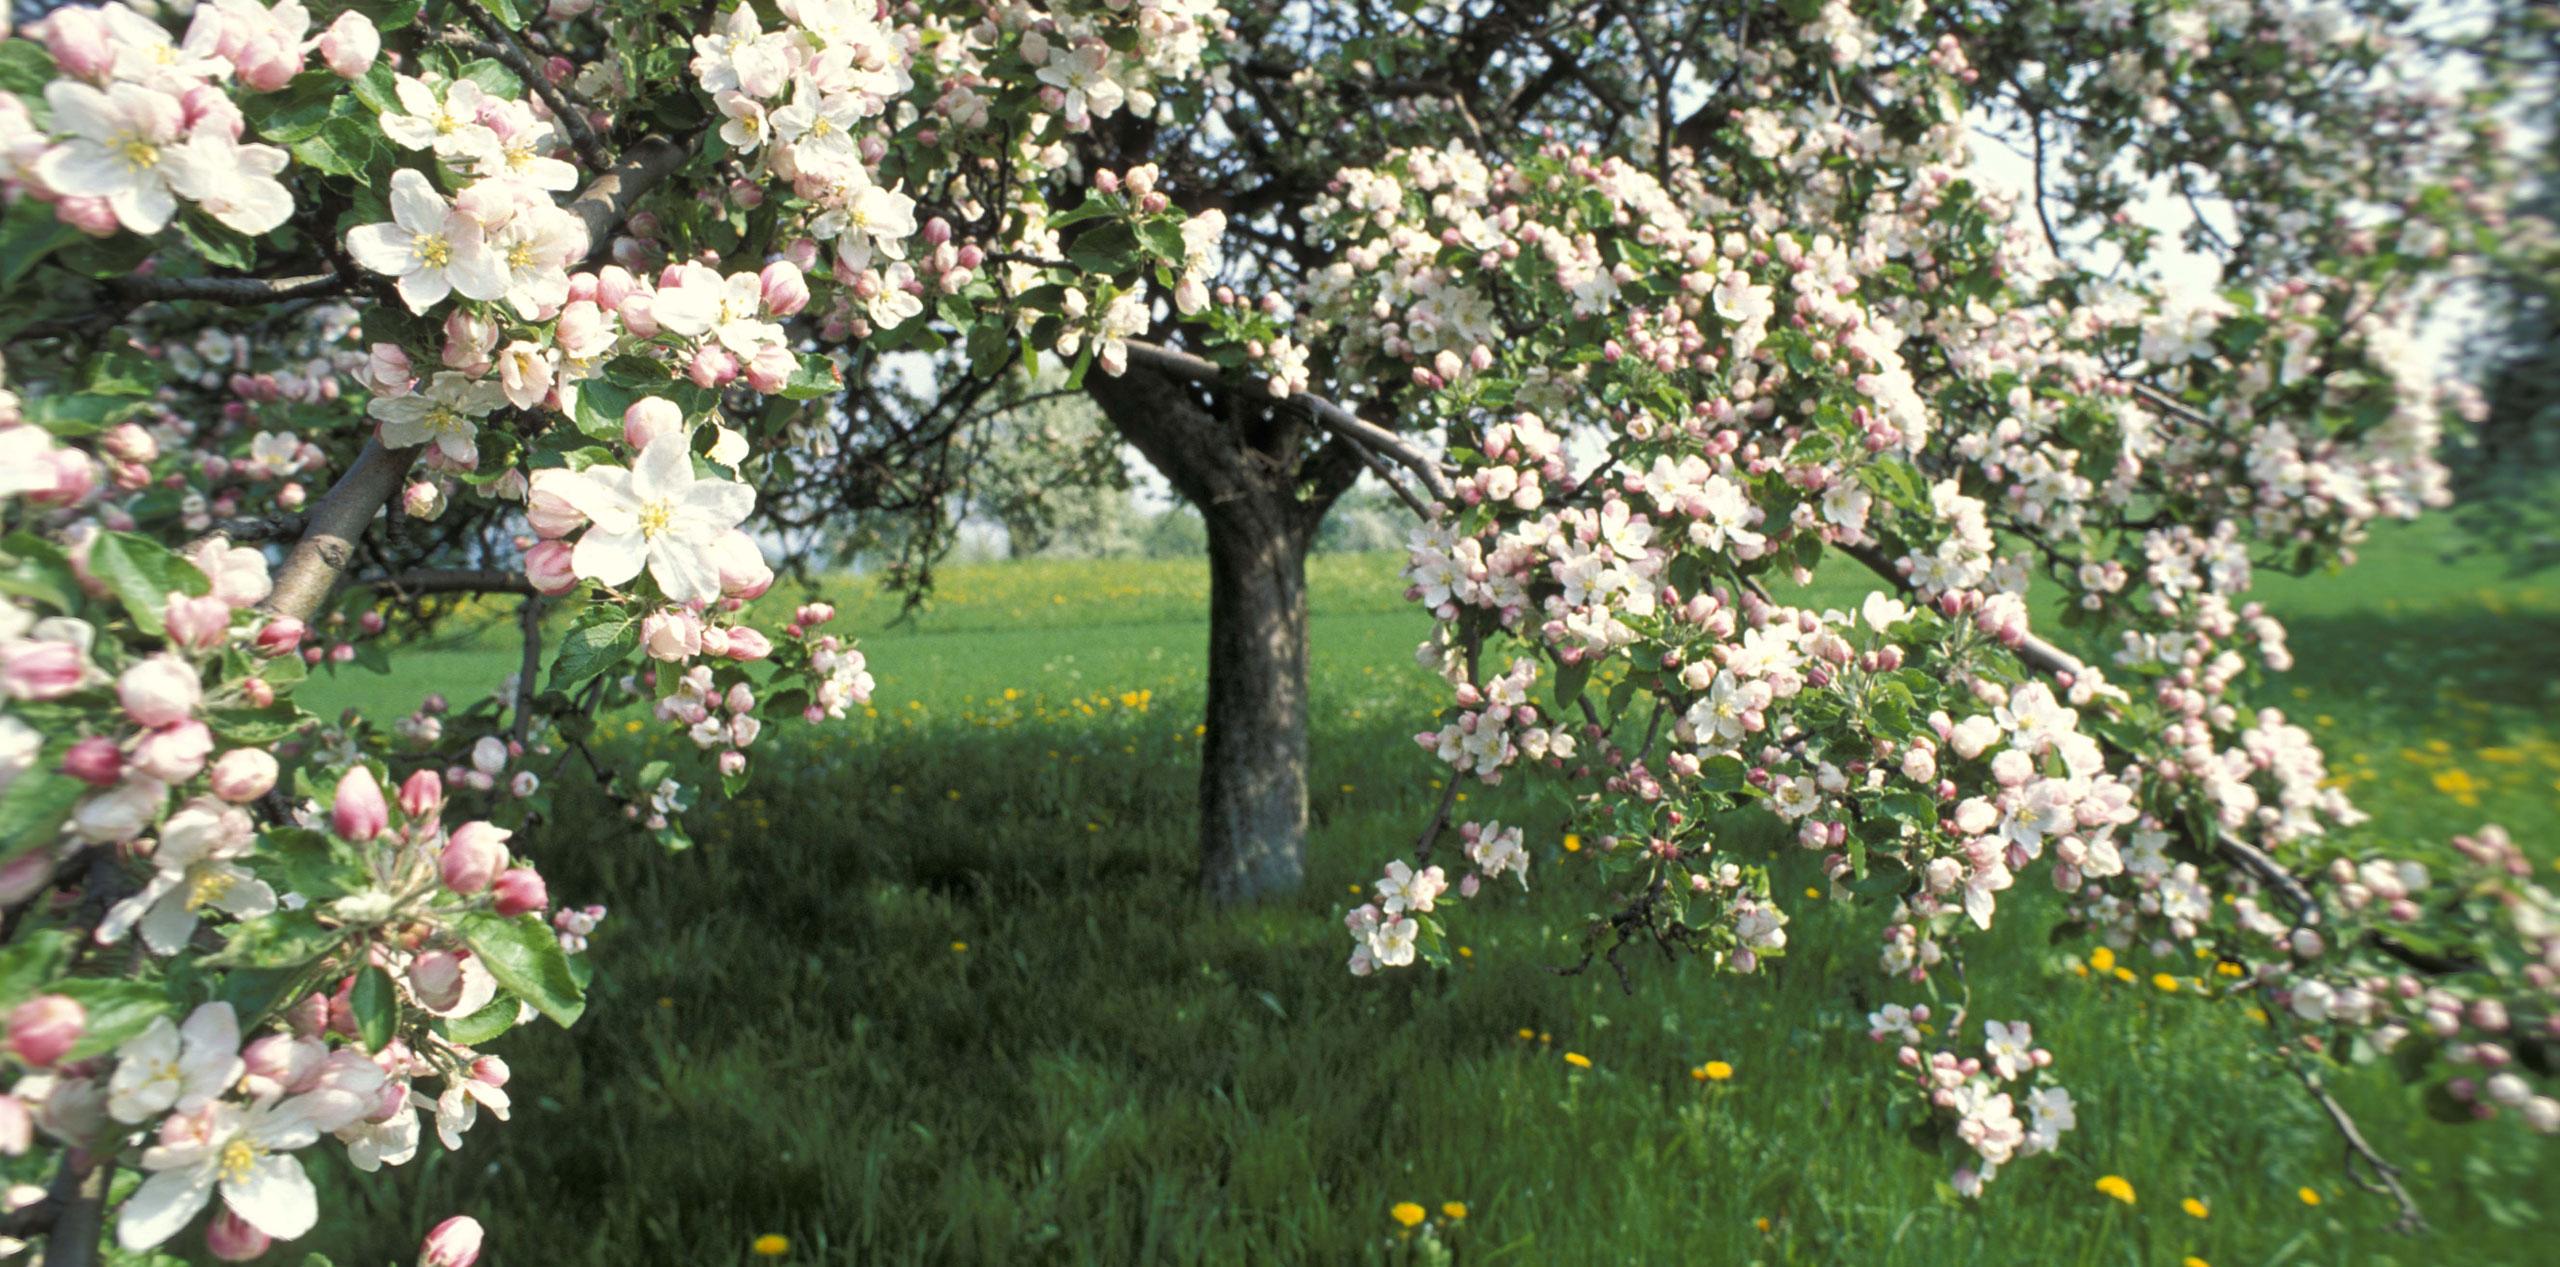 Streuobst Baum Startbild